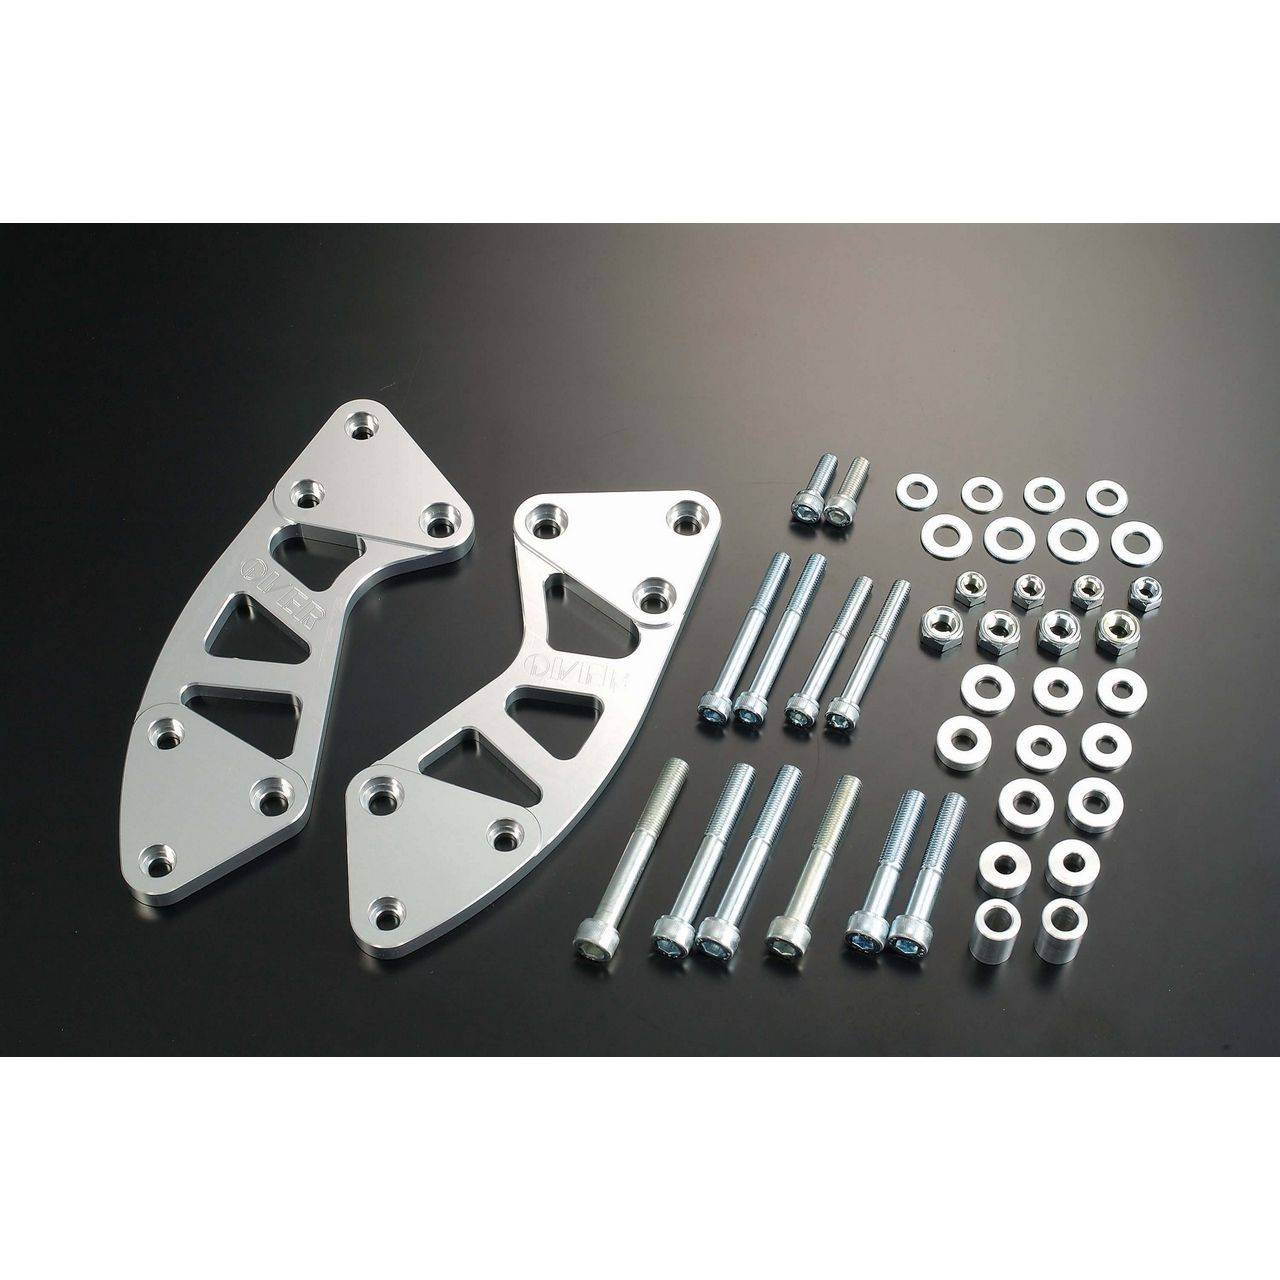 鋁合金引擎支架(Typer 2)